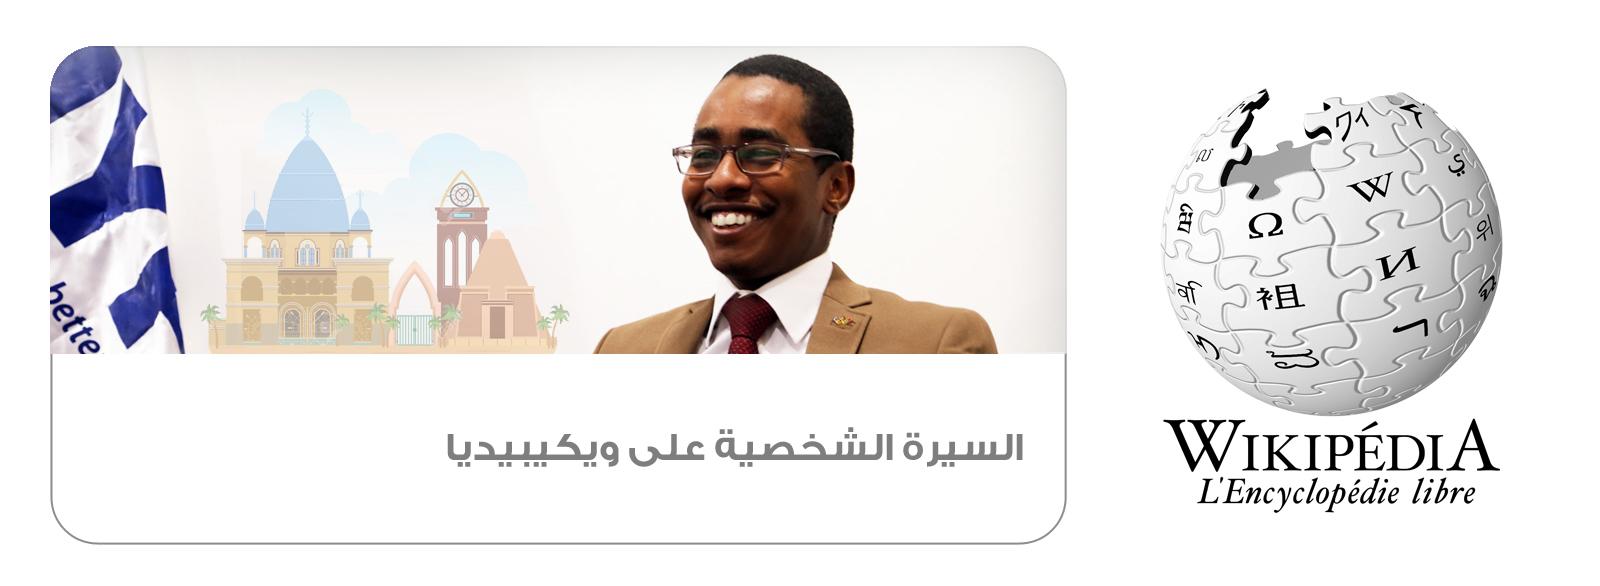 السيرة الذاتية لمعالي السفير سعيد زكي على موقع ويكيبيديا